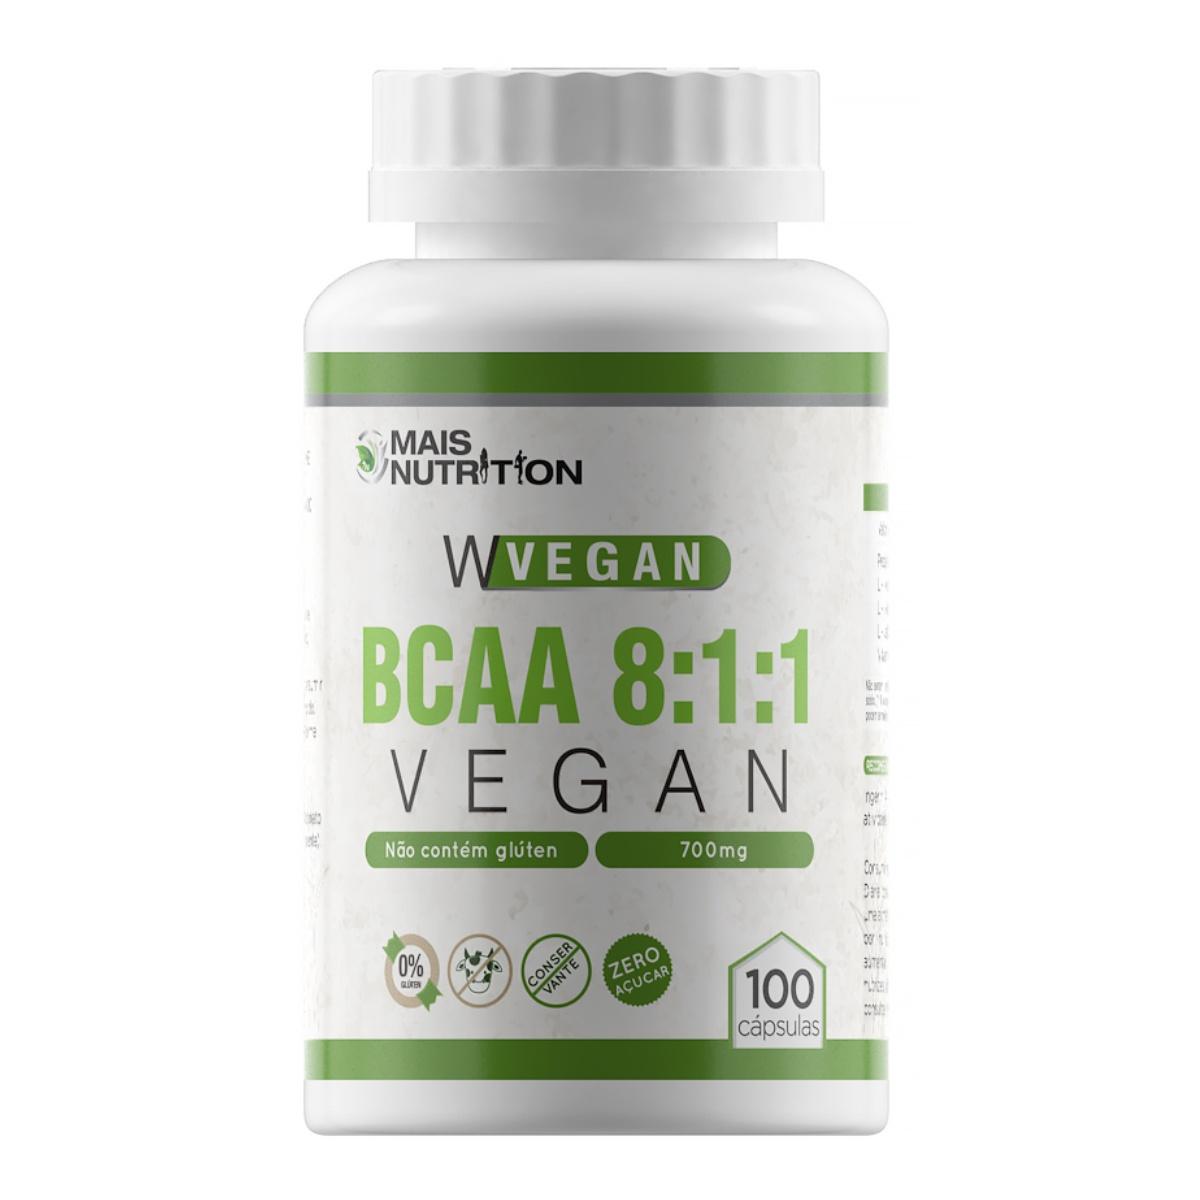 BCAA Vegan 8:1:1 800mg 100 Cápsulas WVegan